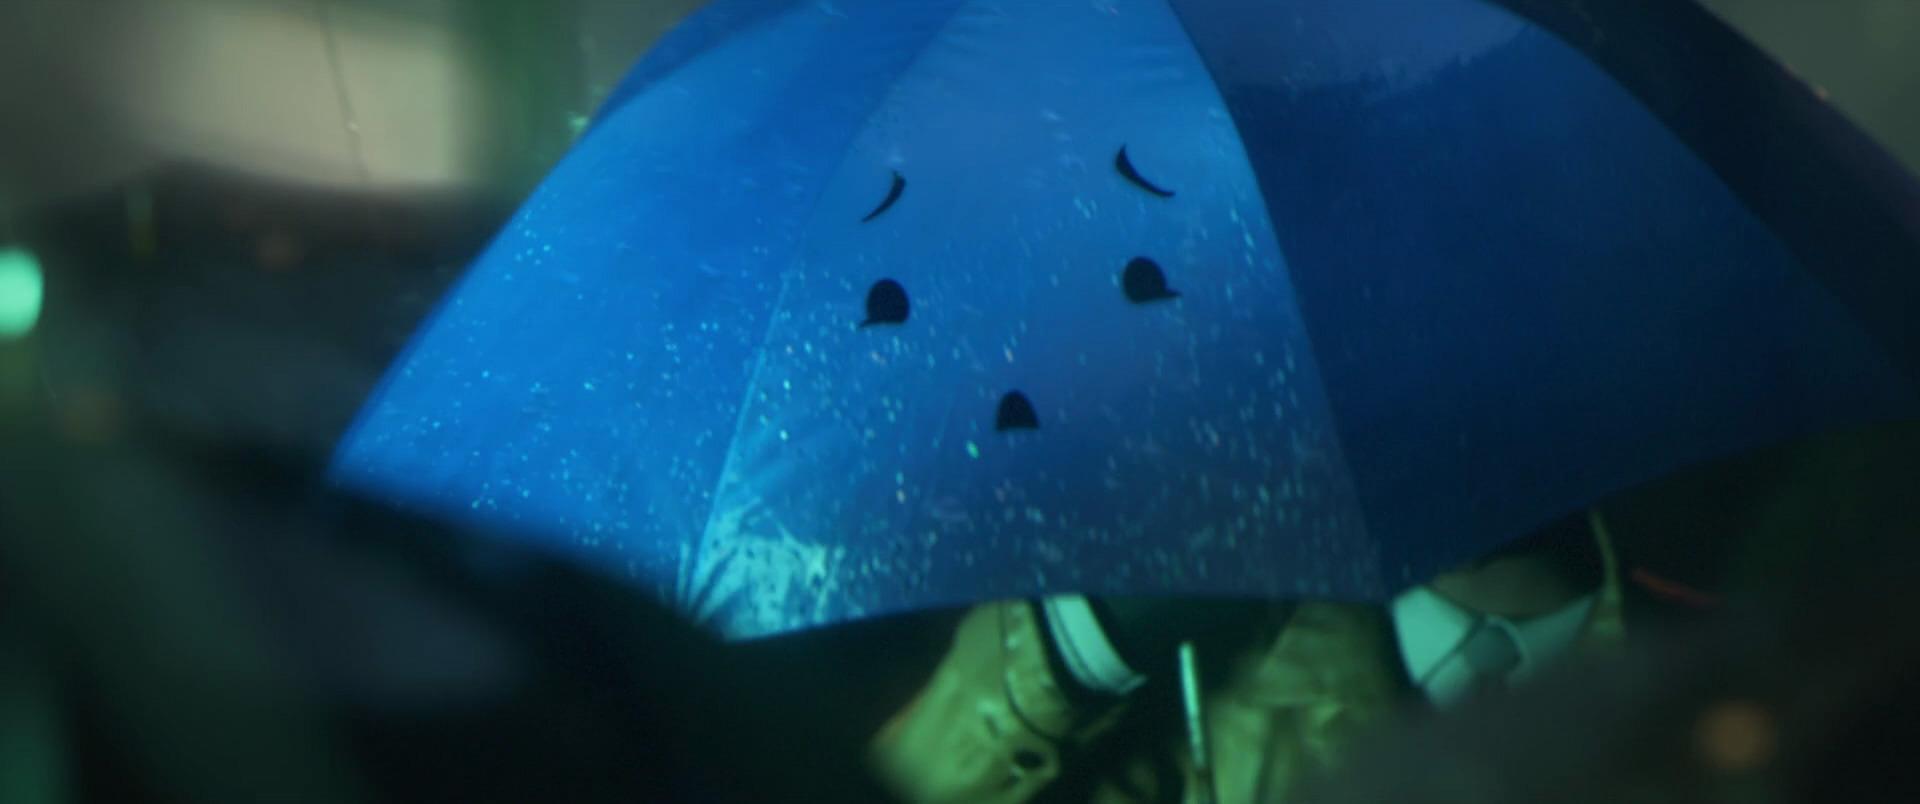 blue-personnage-le-parapluie-bleu-02